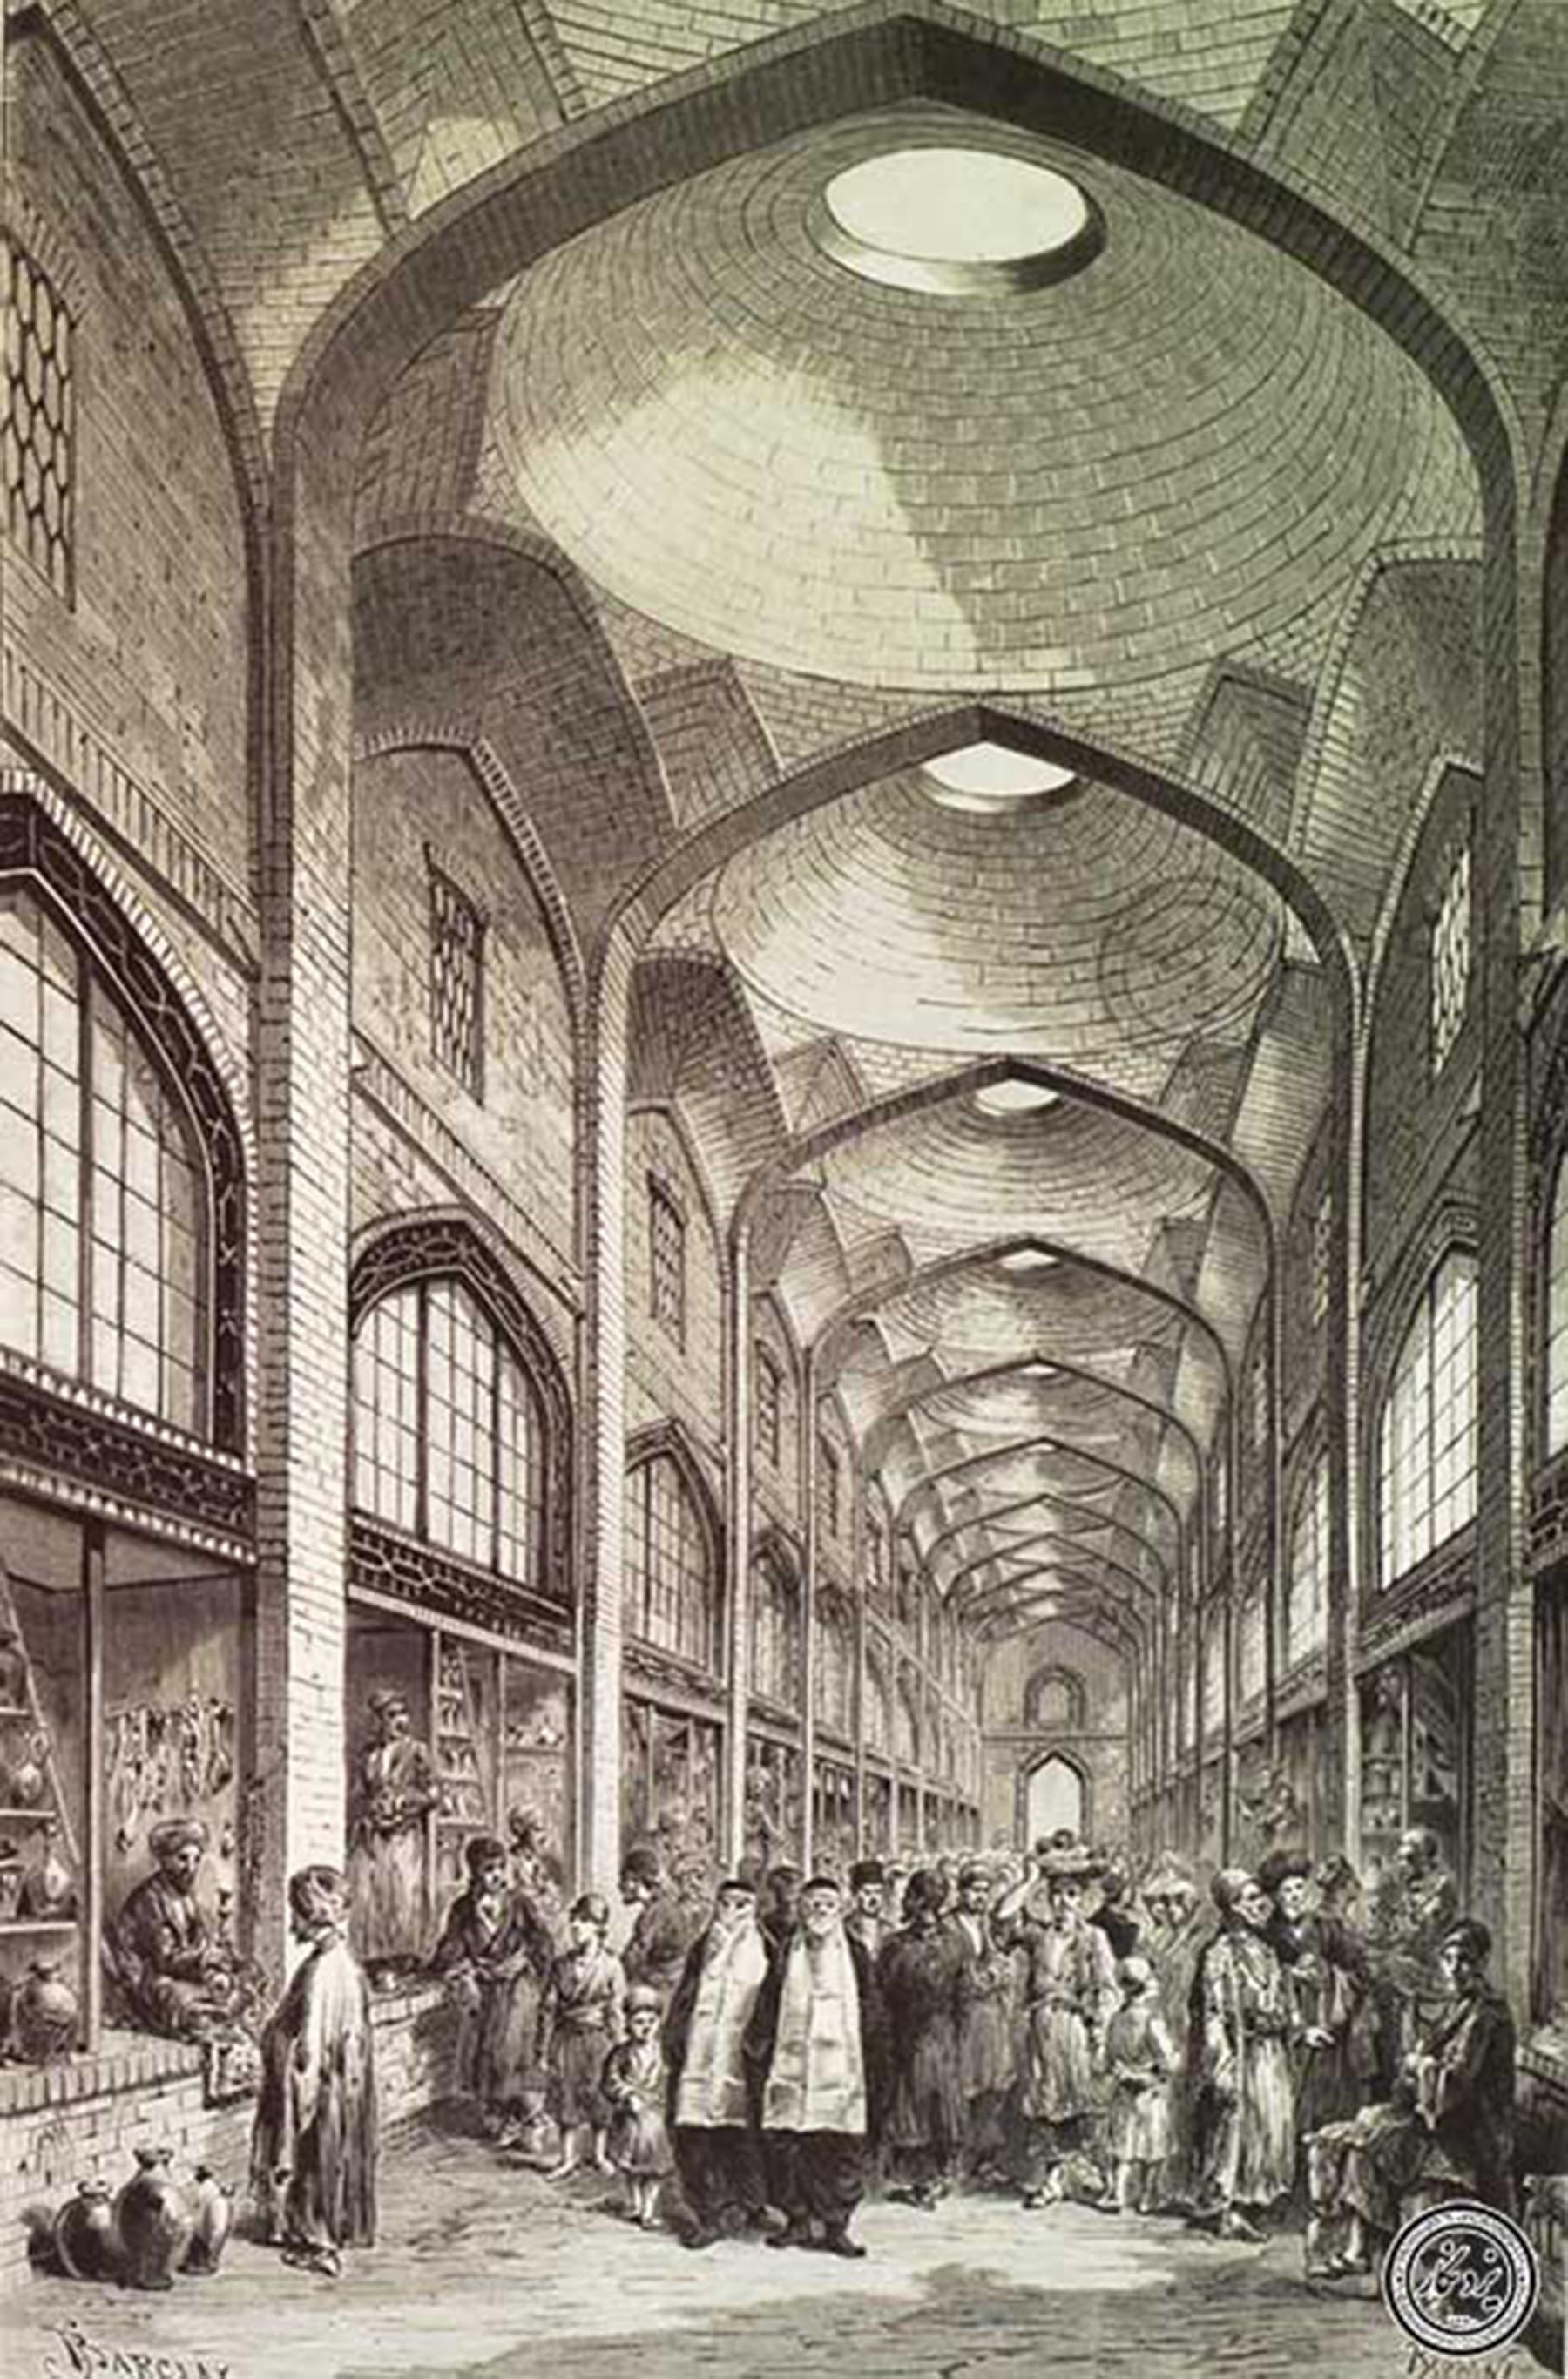 1800ء میں وکیل بازار، شیراز